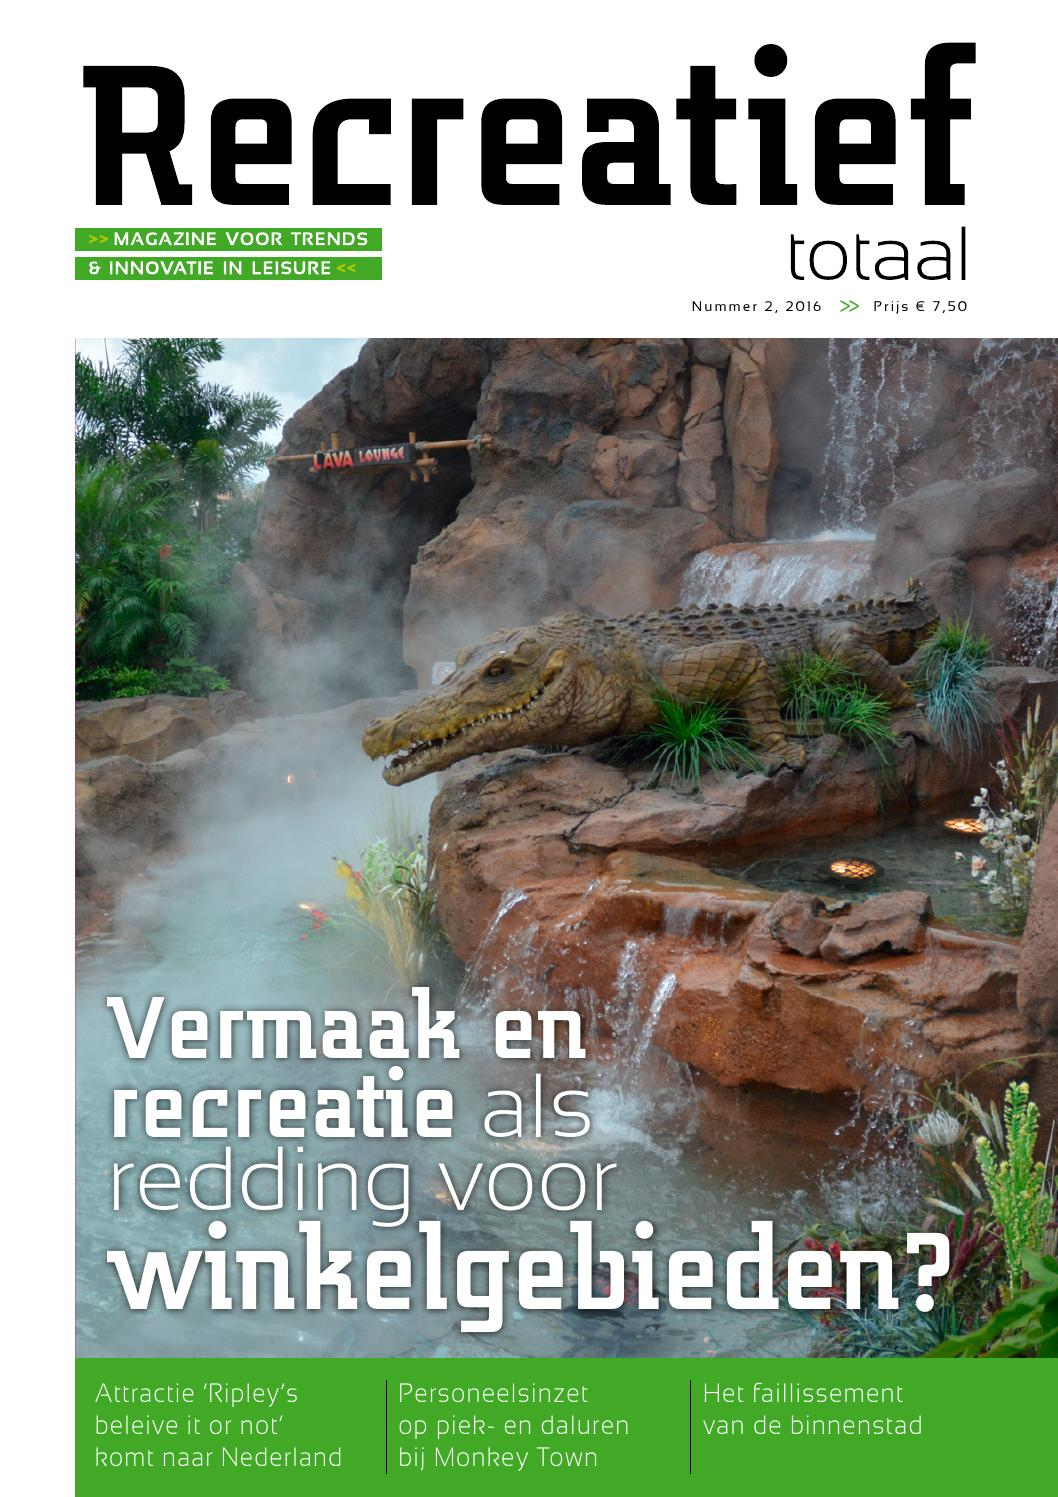 Recreatief totaal 0515, magazine voor trends en innovatie in ...